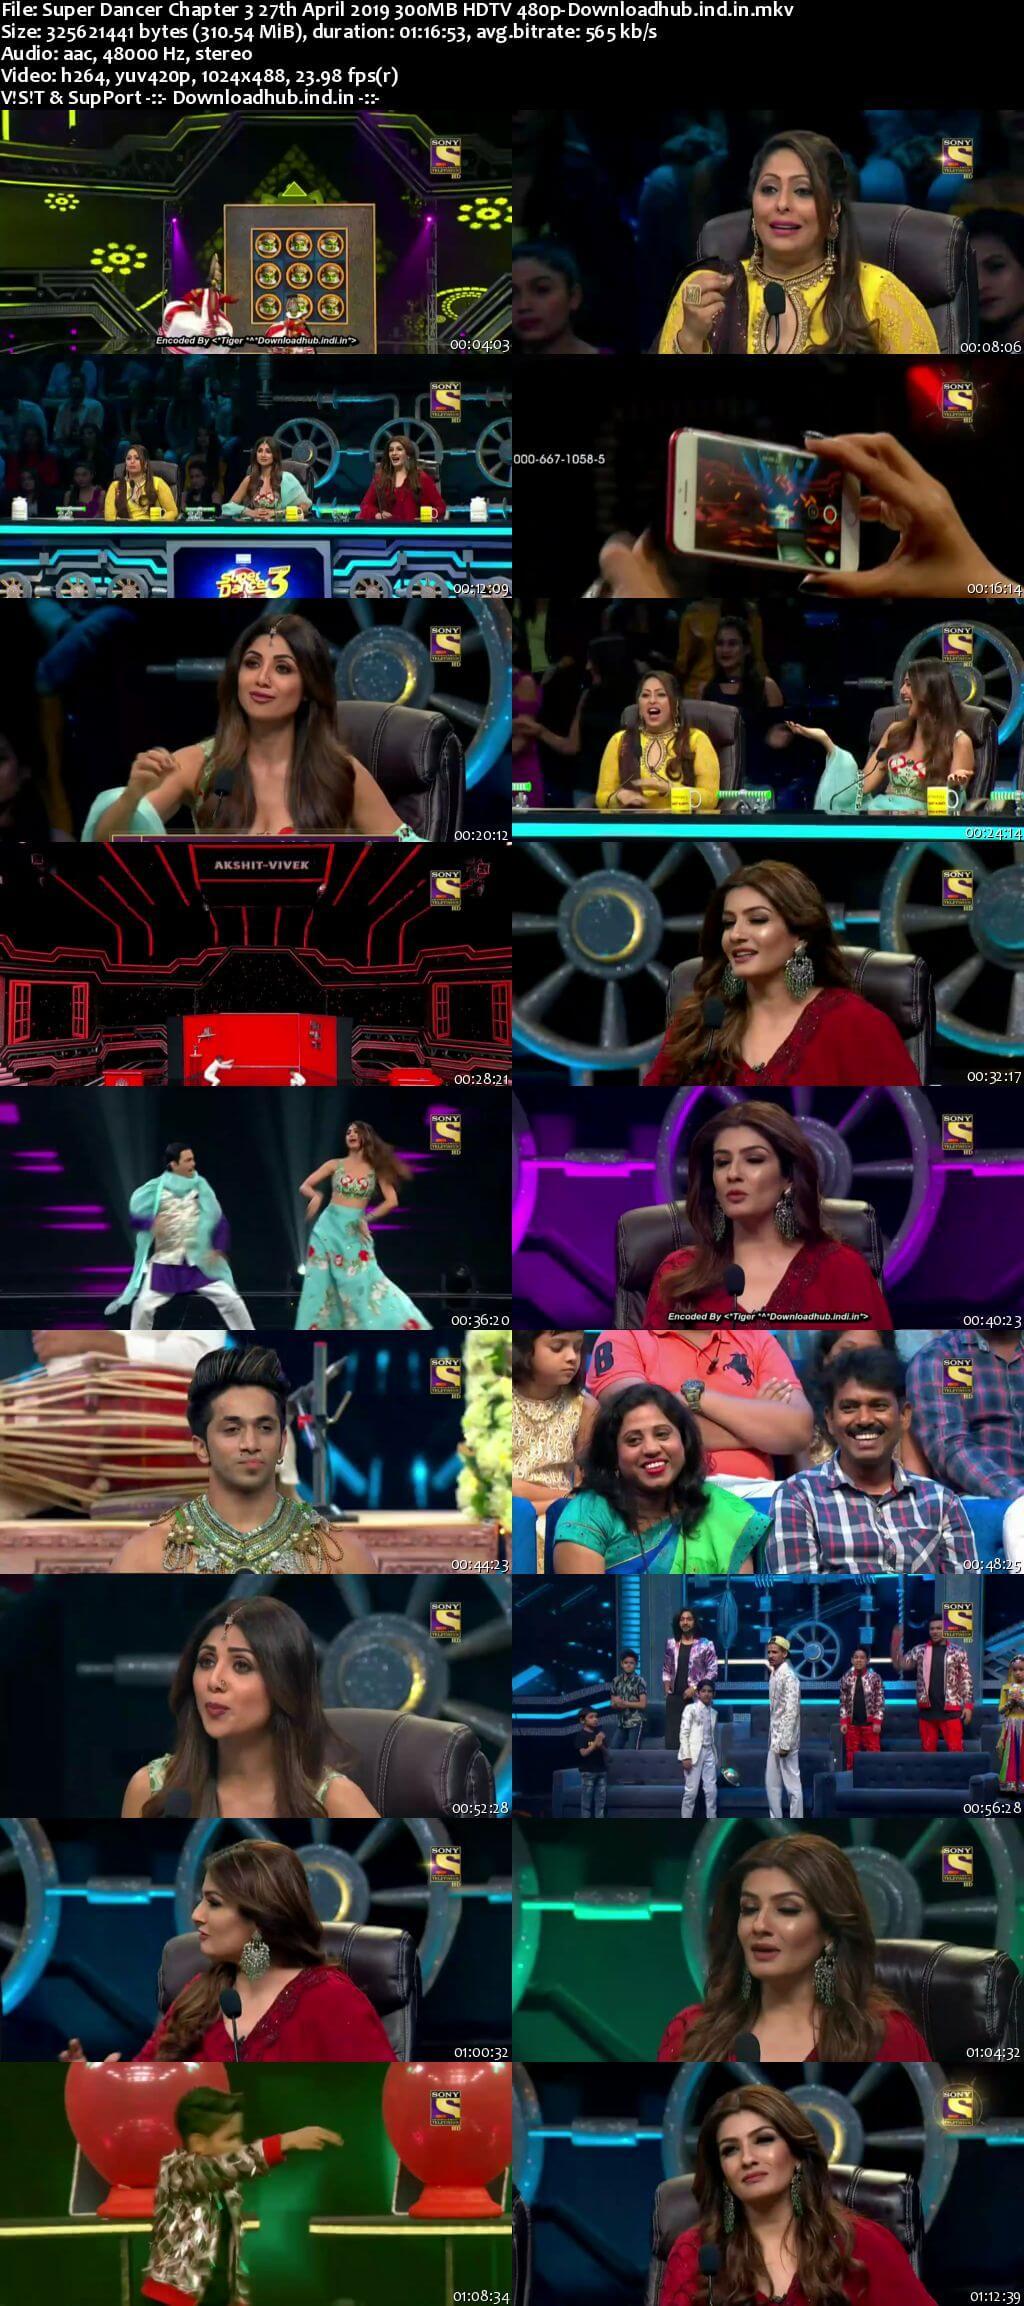 Super Dancer Chapter 3 27 April 2019 Episode 35 HDTV 480p